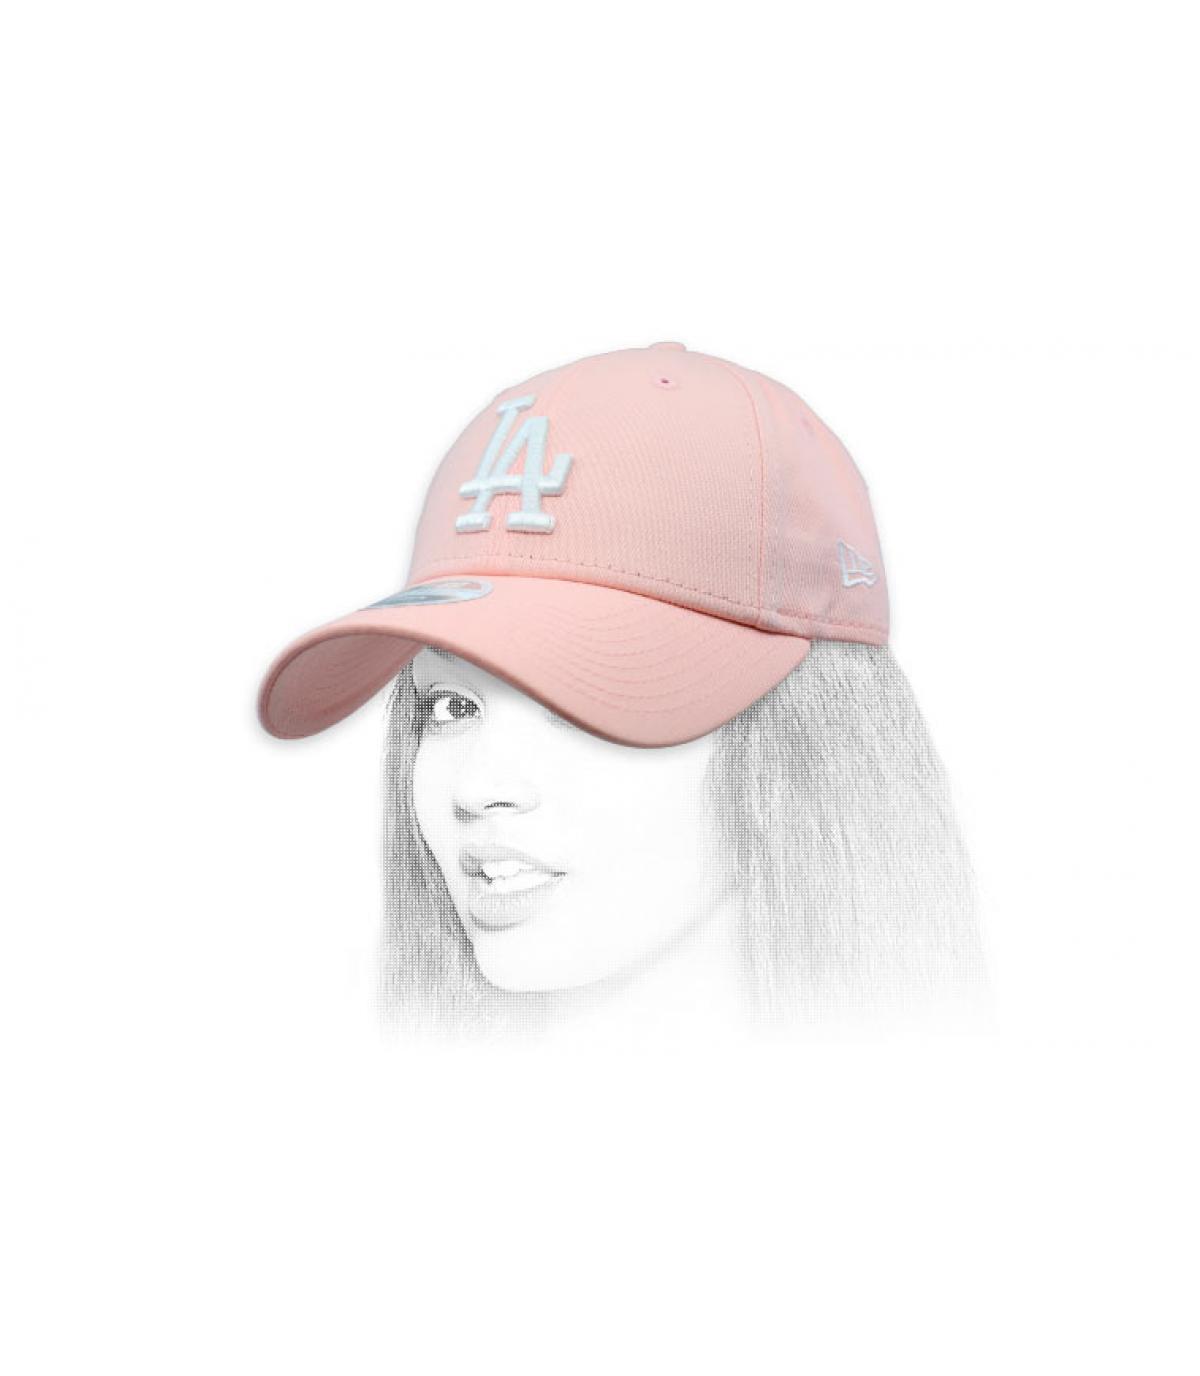 kap LA rose vrouw